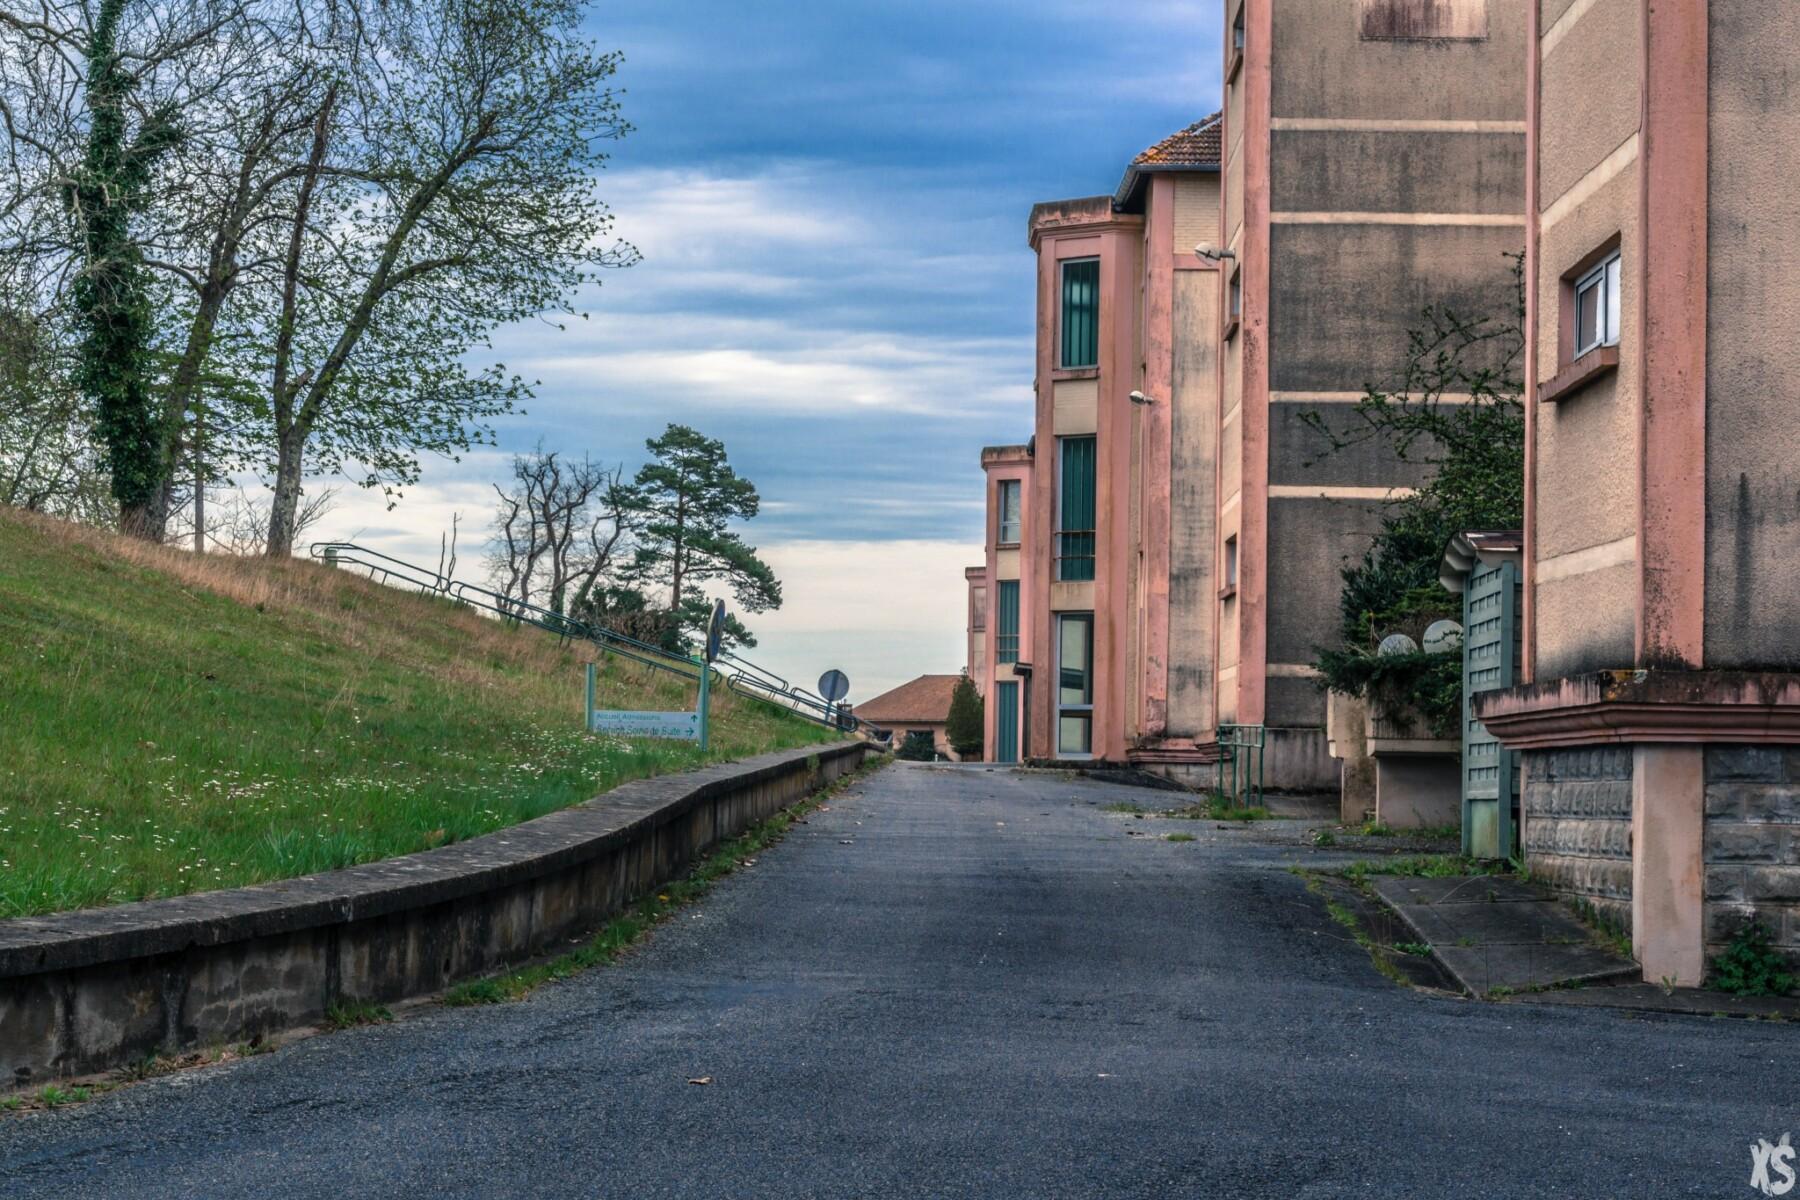 sanatorium-eugene-aram-69